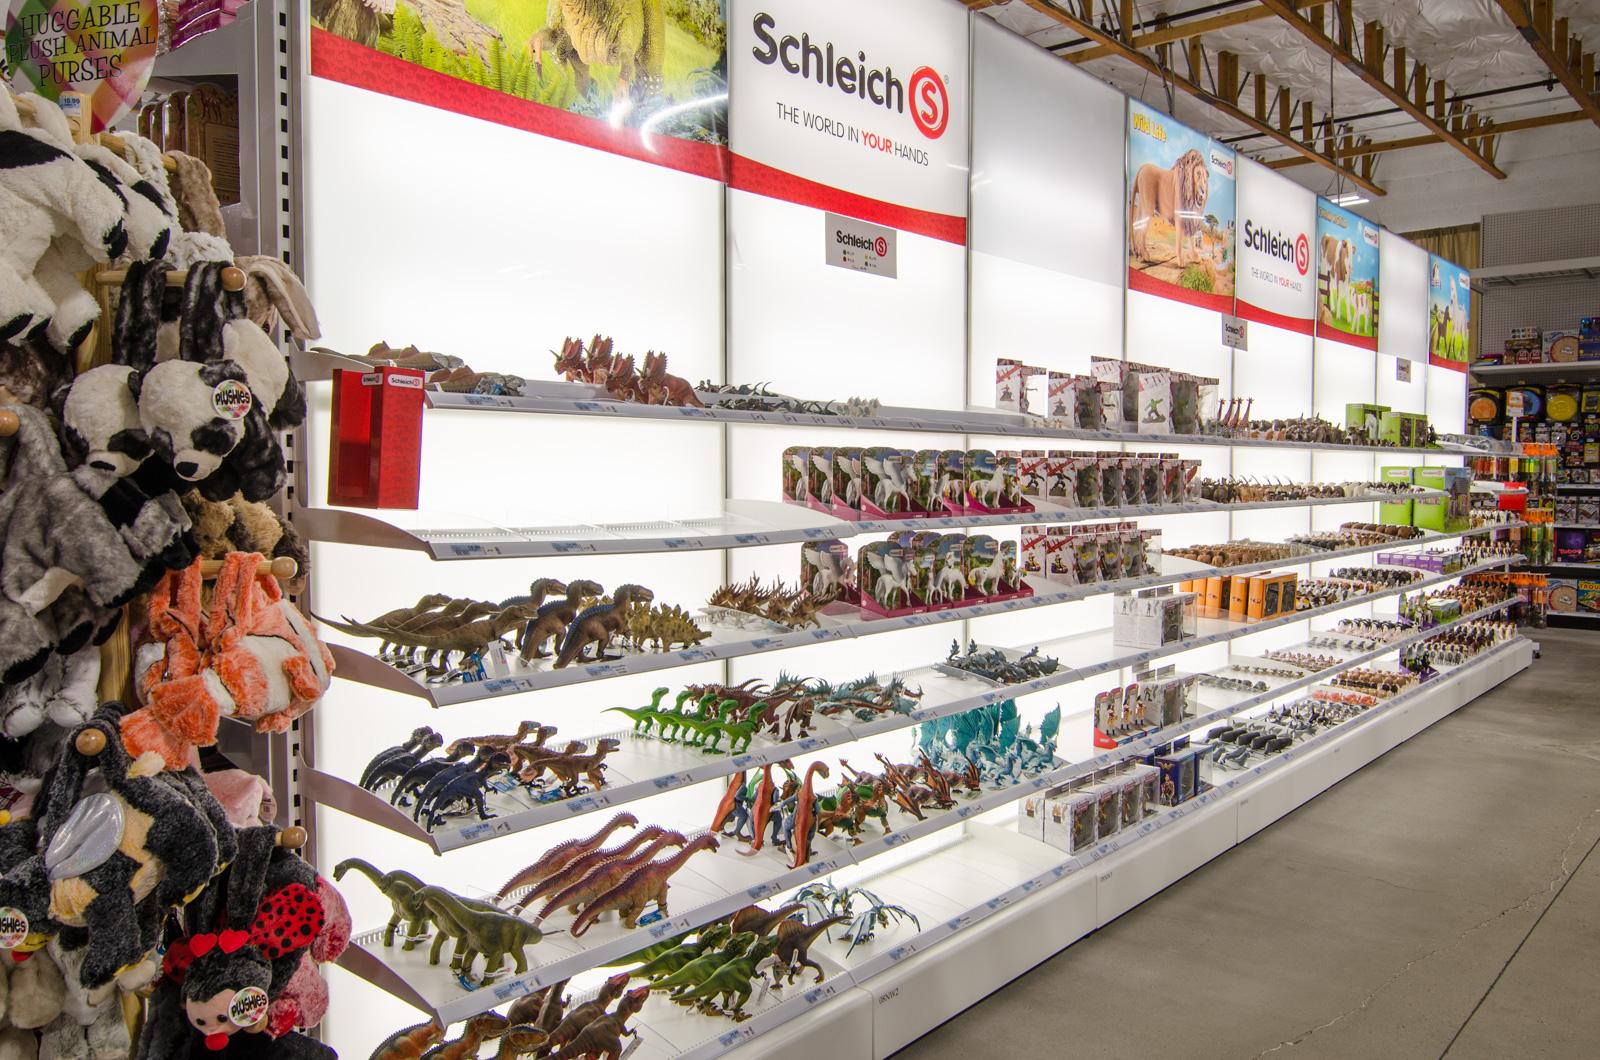 Schleich animals and figurines.